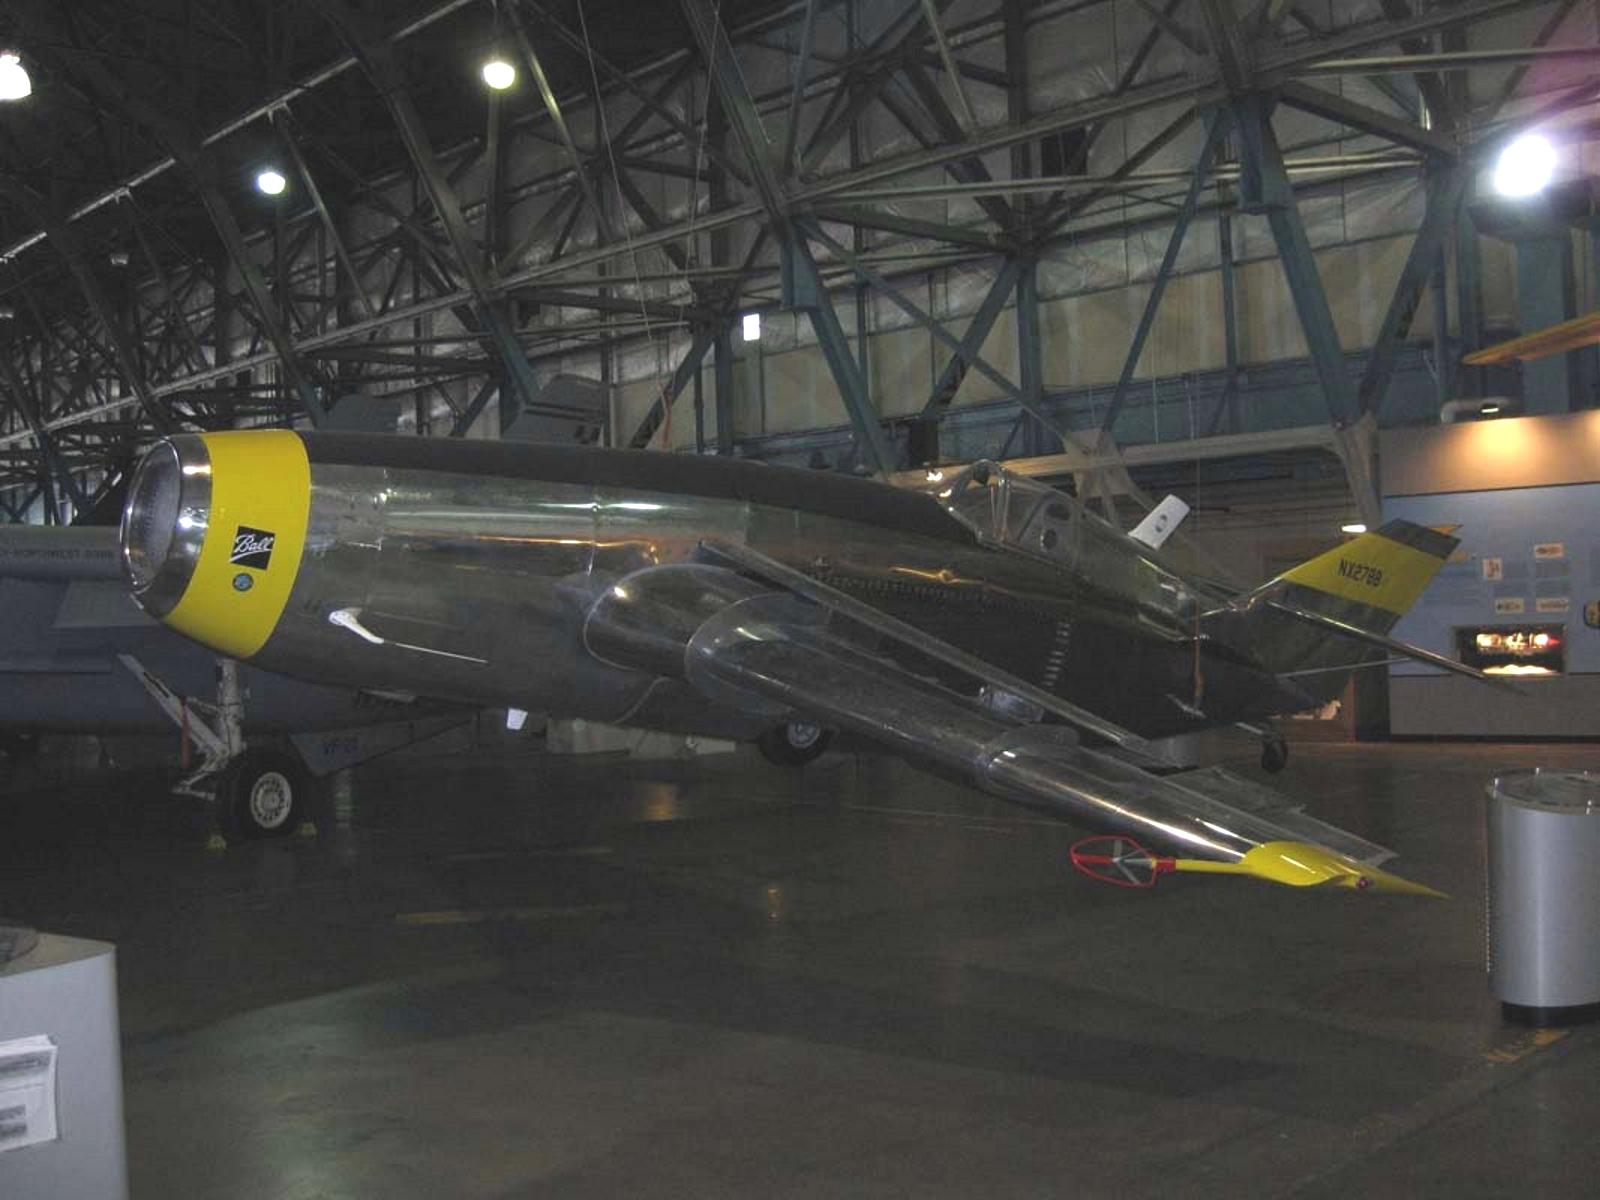 Топката-Bartoe хотел JW-1 jetwing, който